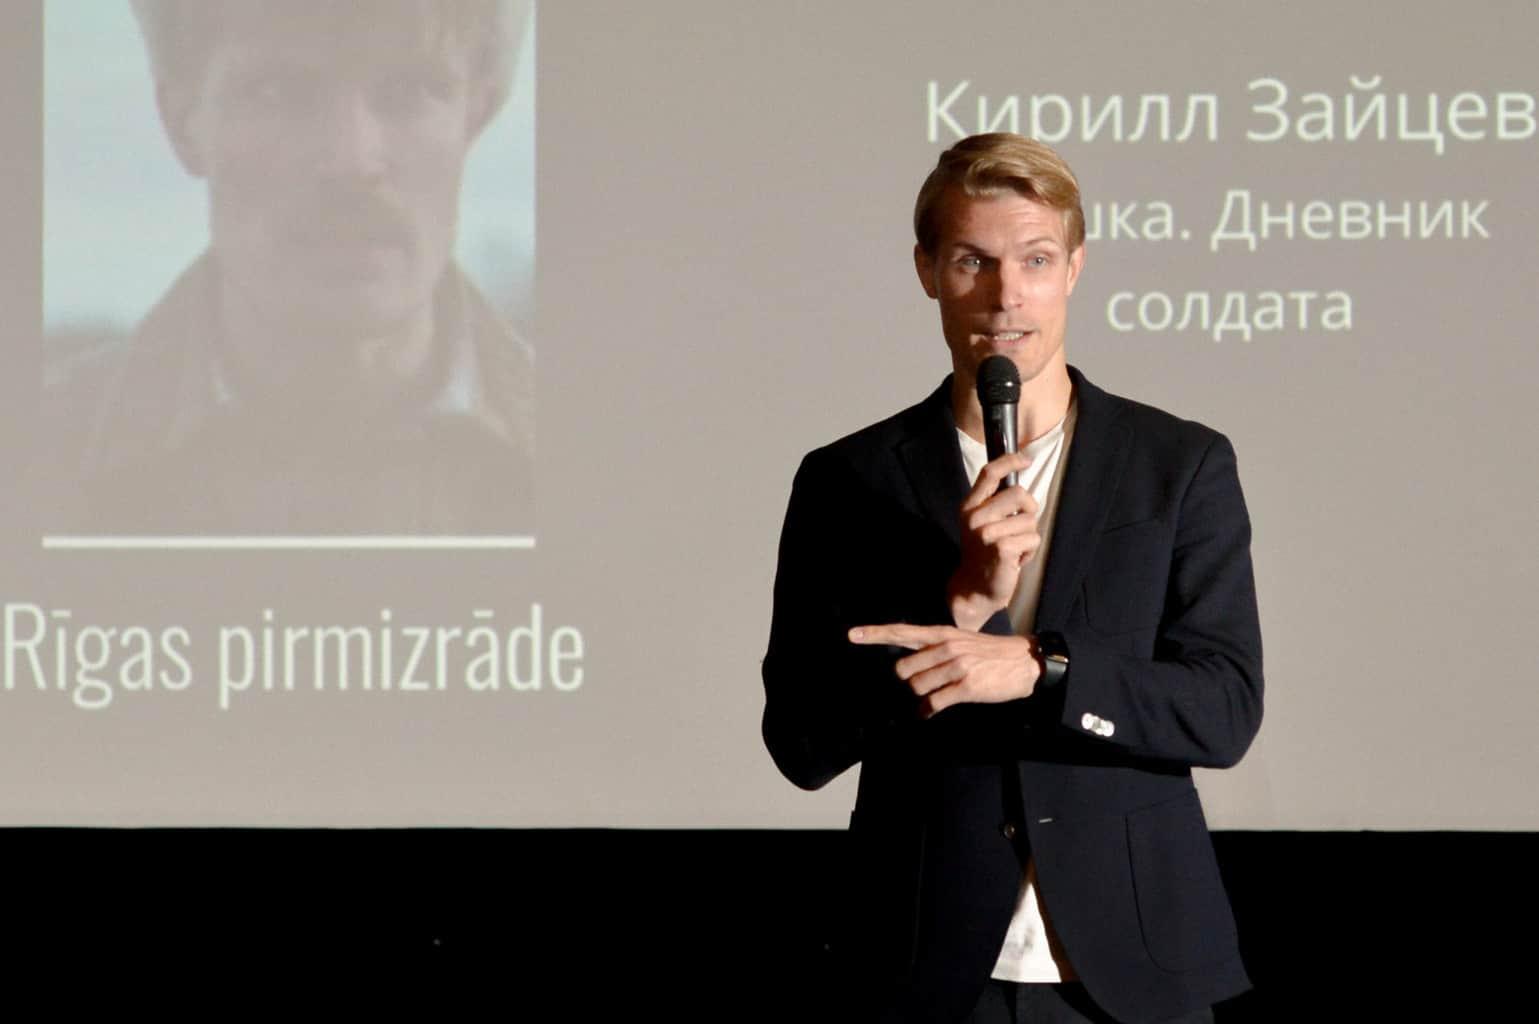 В Риге прошла премьера фильма «Сашка. Дневник солдата»